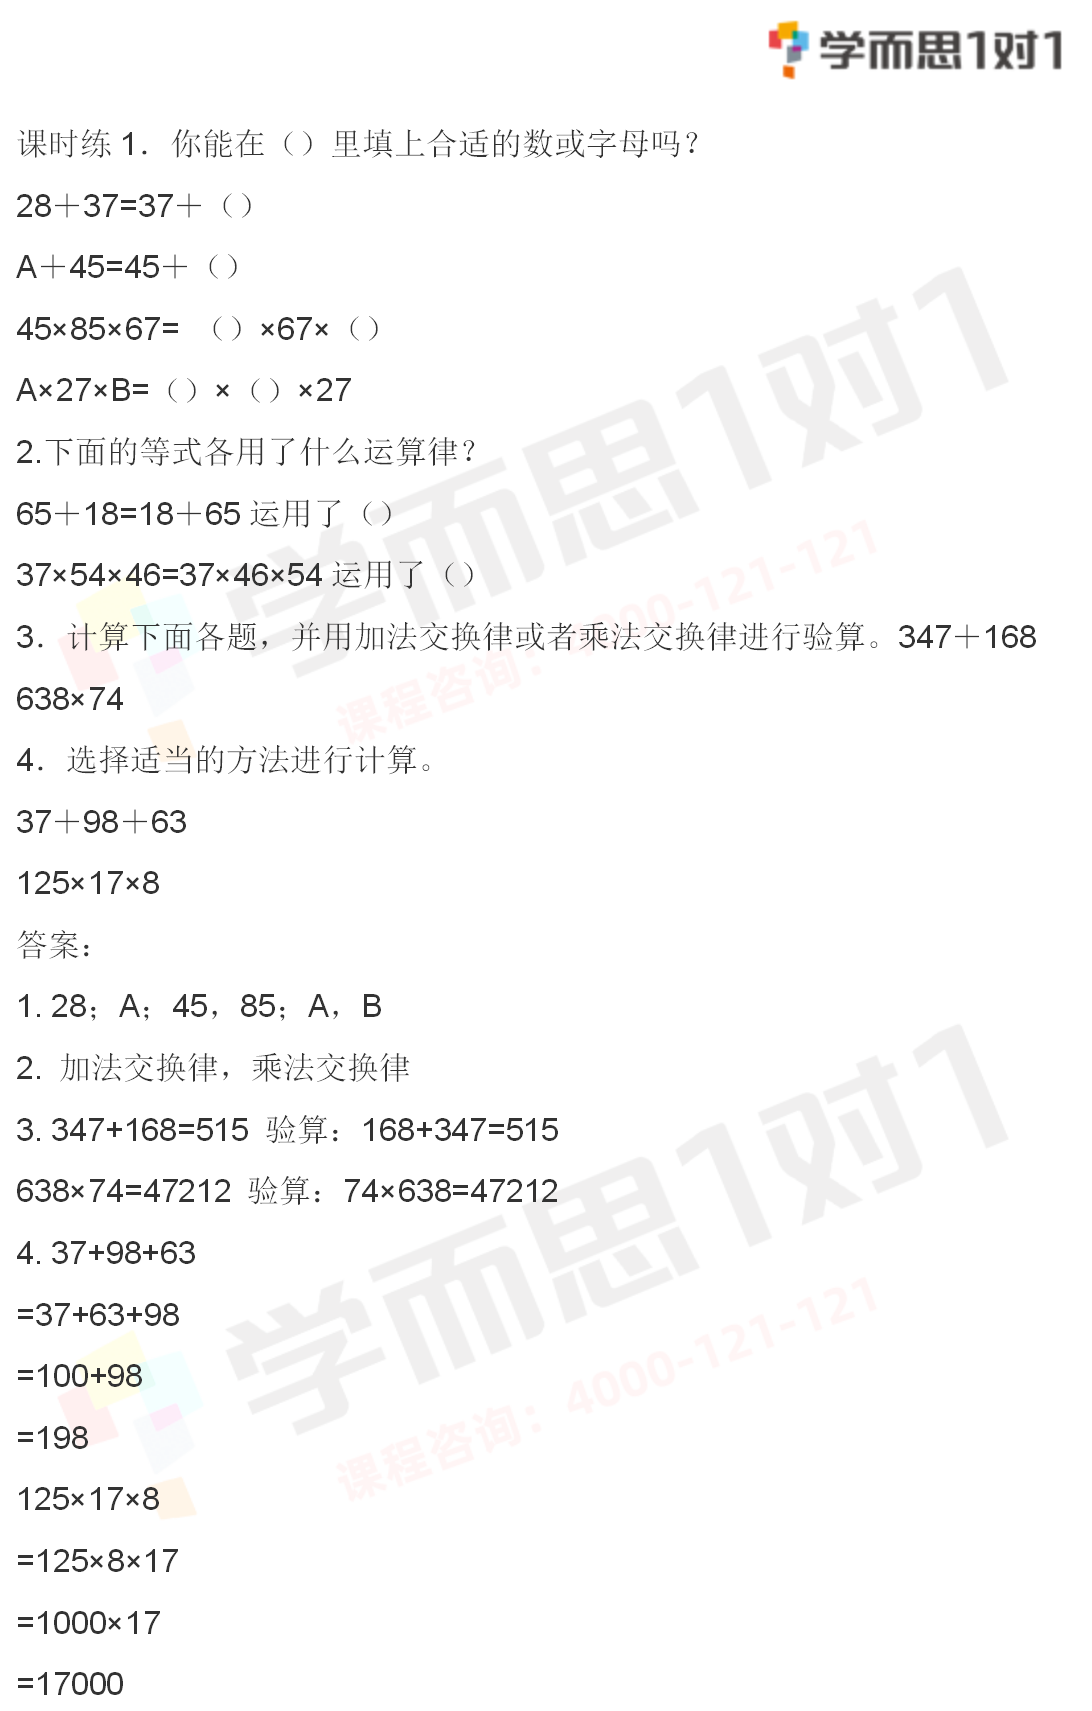 深圳四年级上册数学加法交换律和乘法交换律练习题及答案